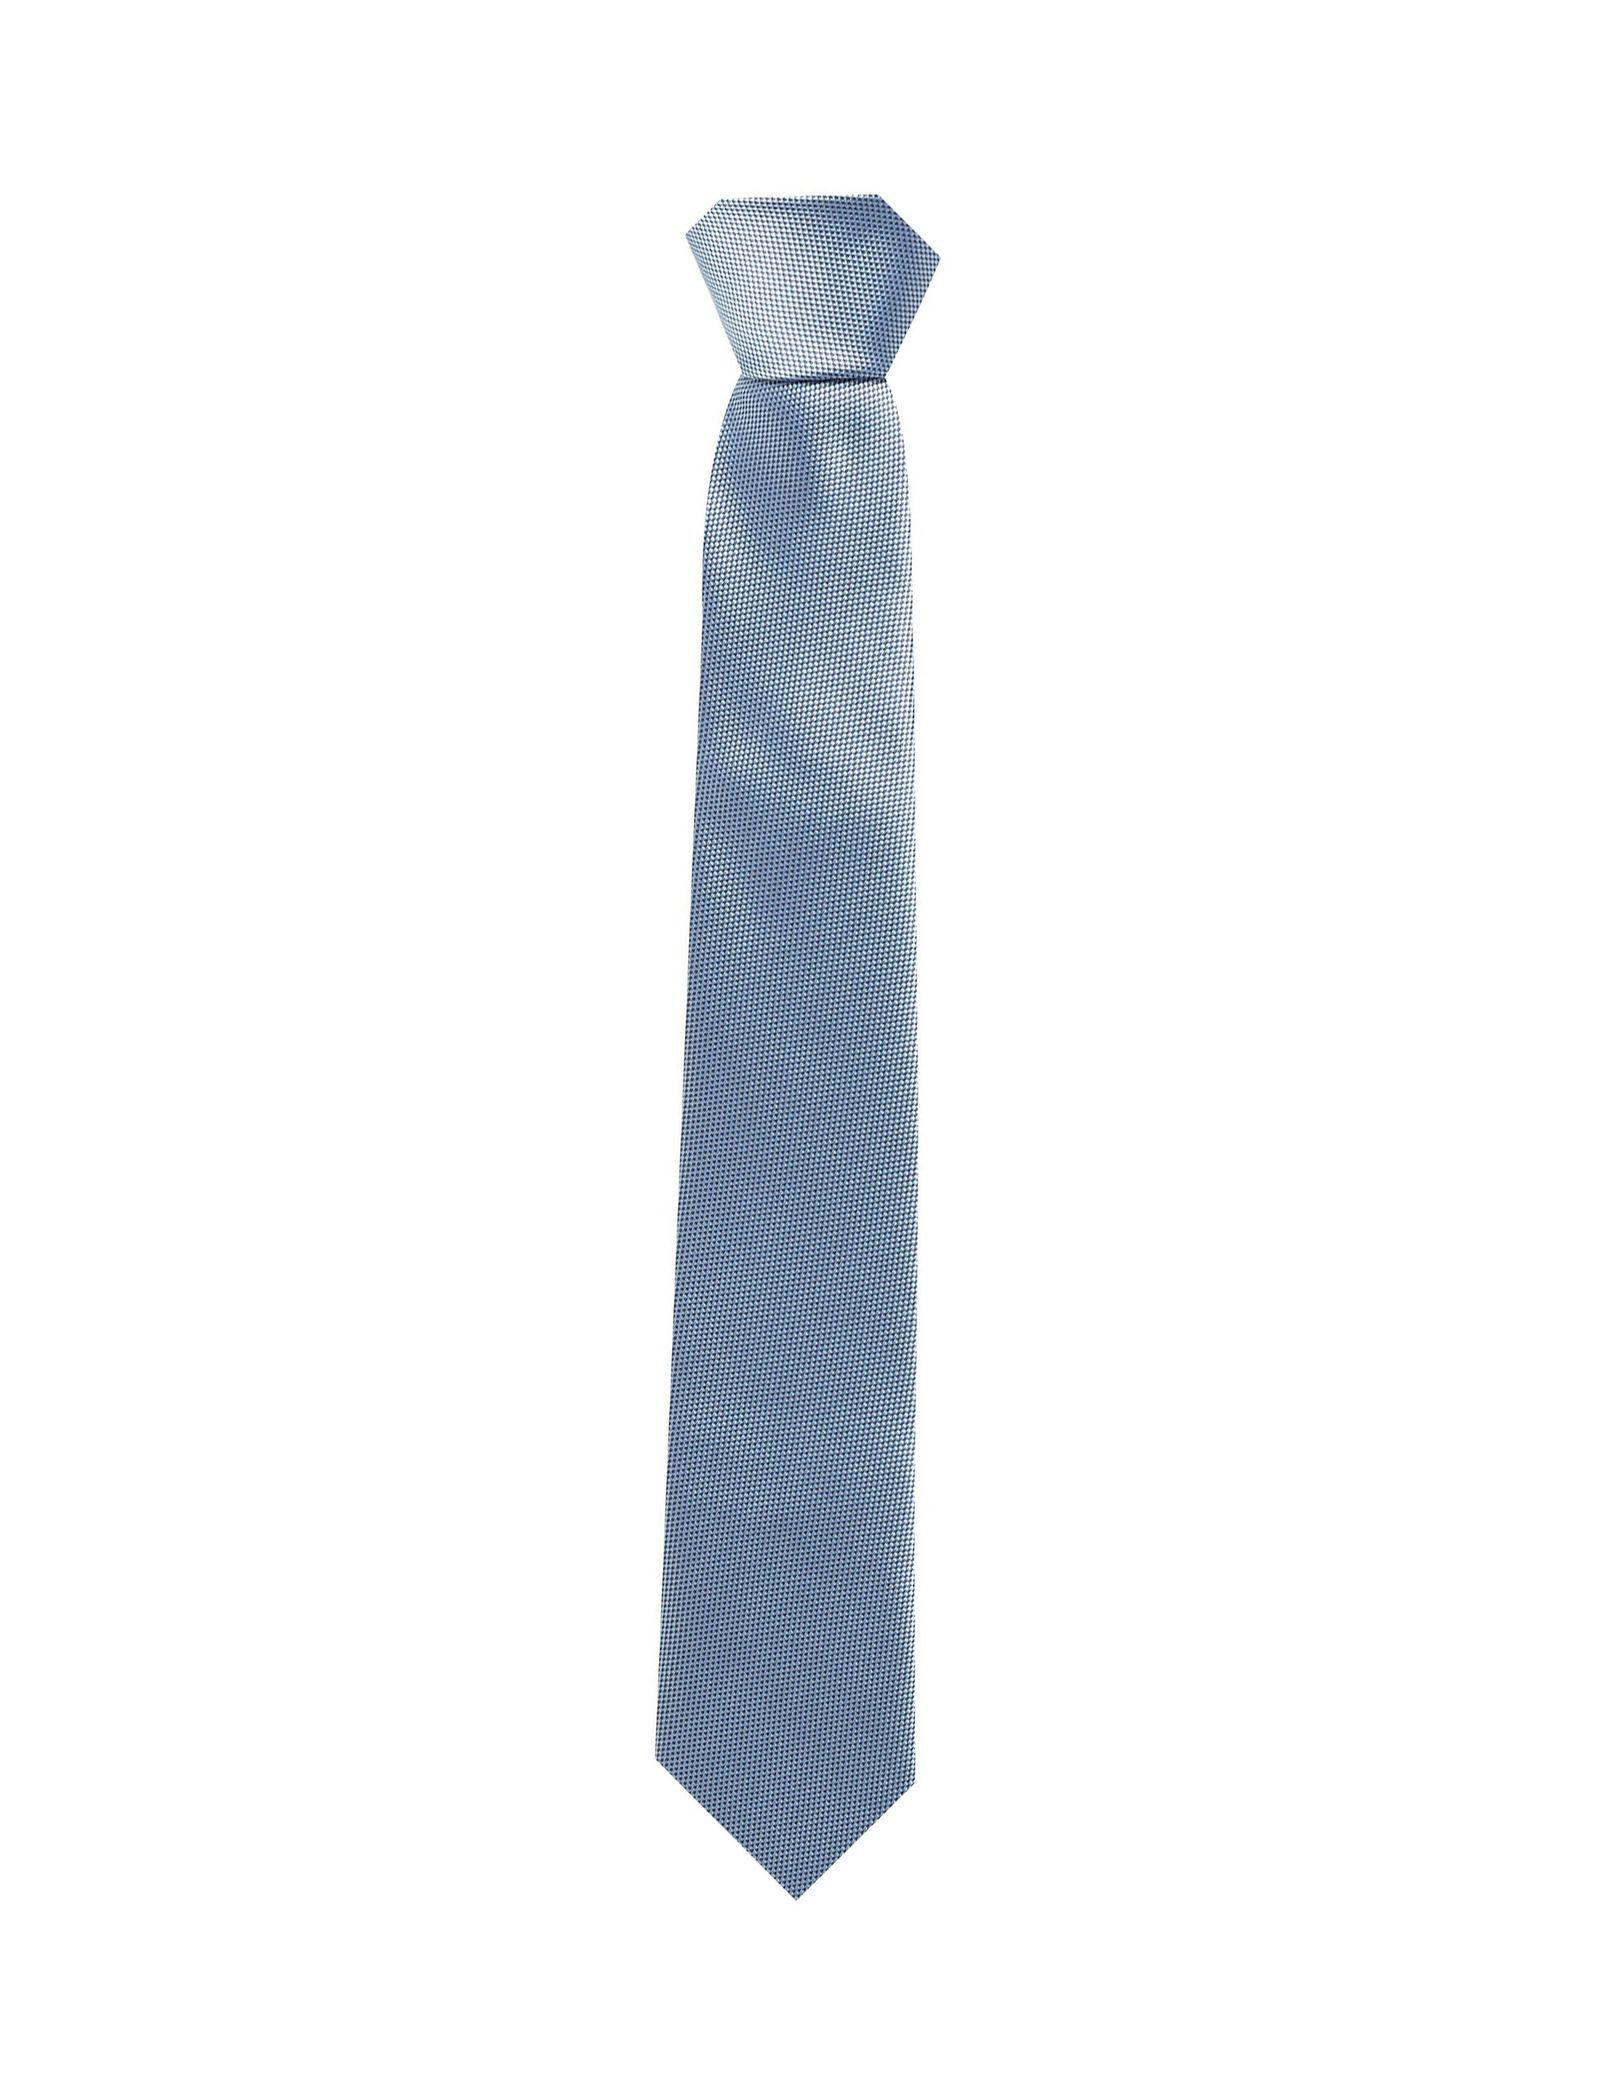 کراوات طرح دار مردانه - رد هرینگ - آبي روشن - 1